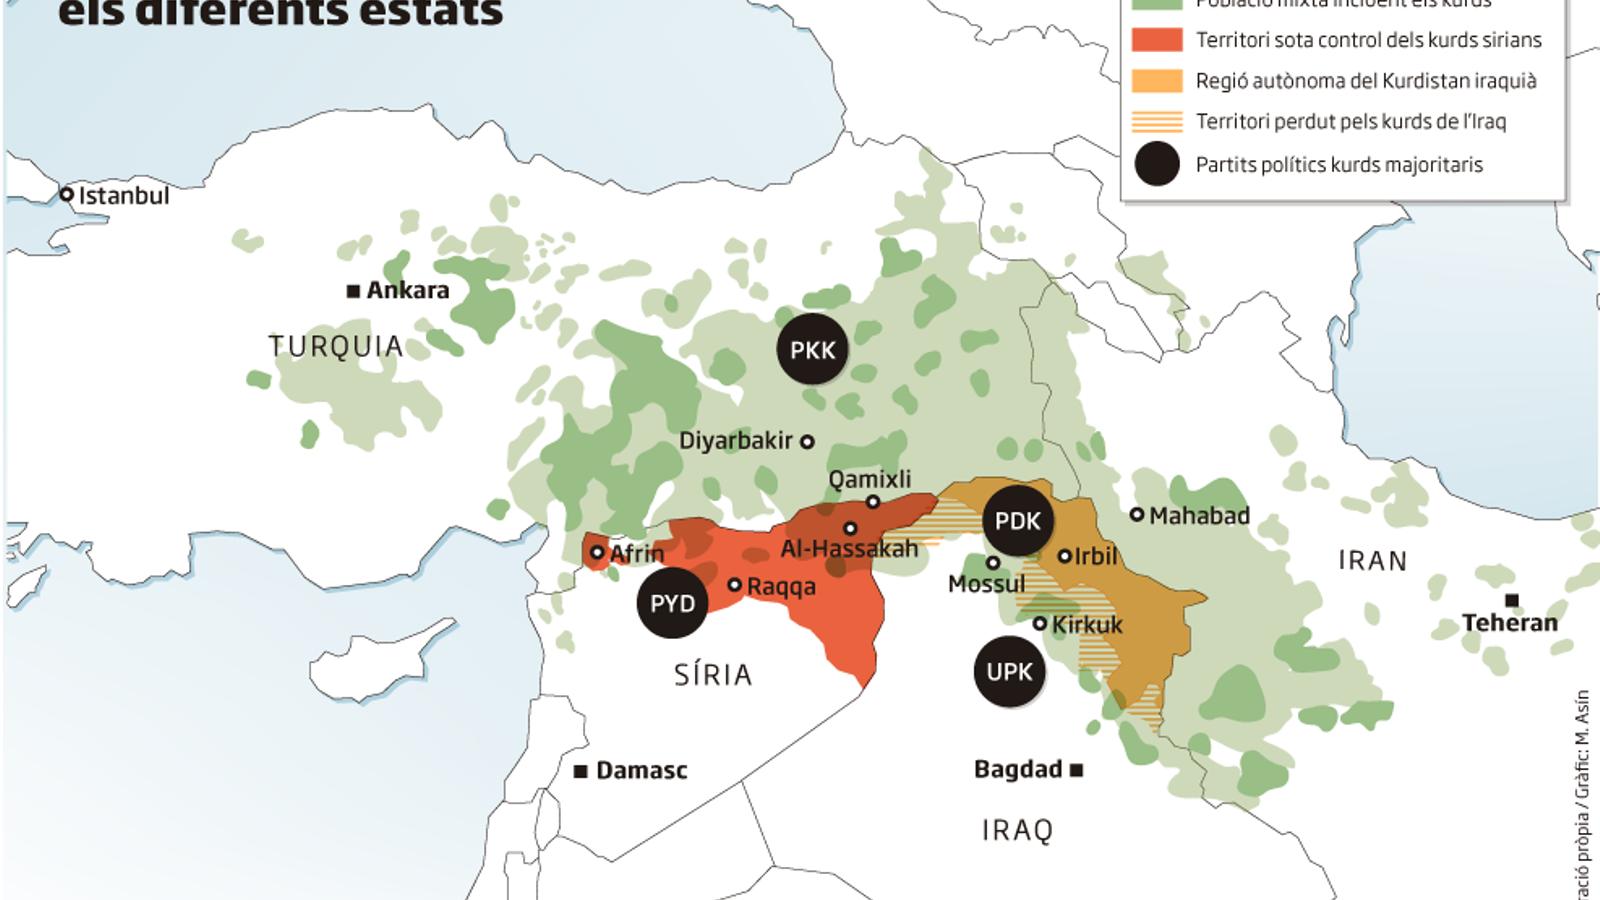 El món deixa els kurds abandonats a la seva sort